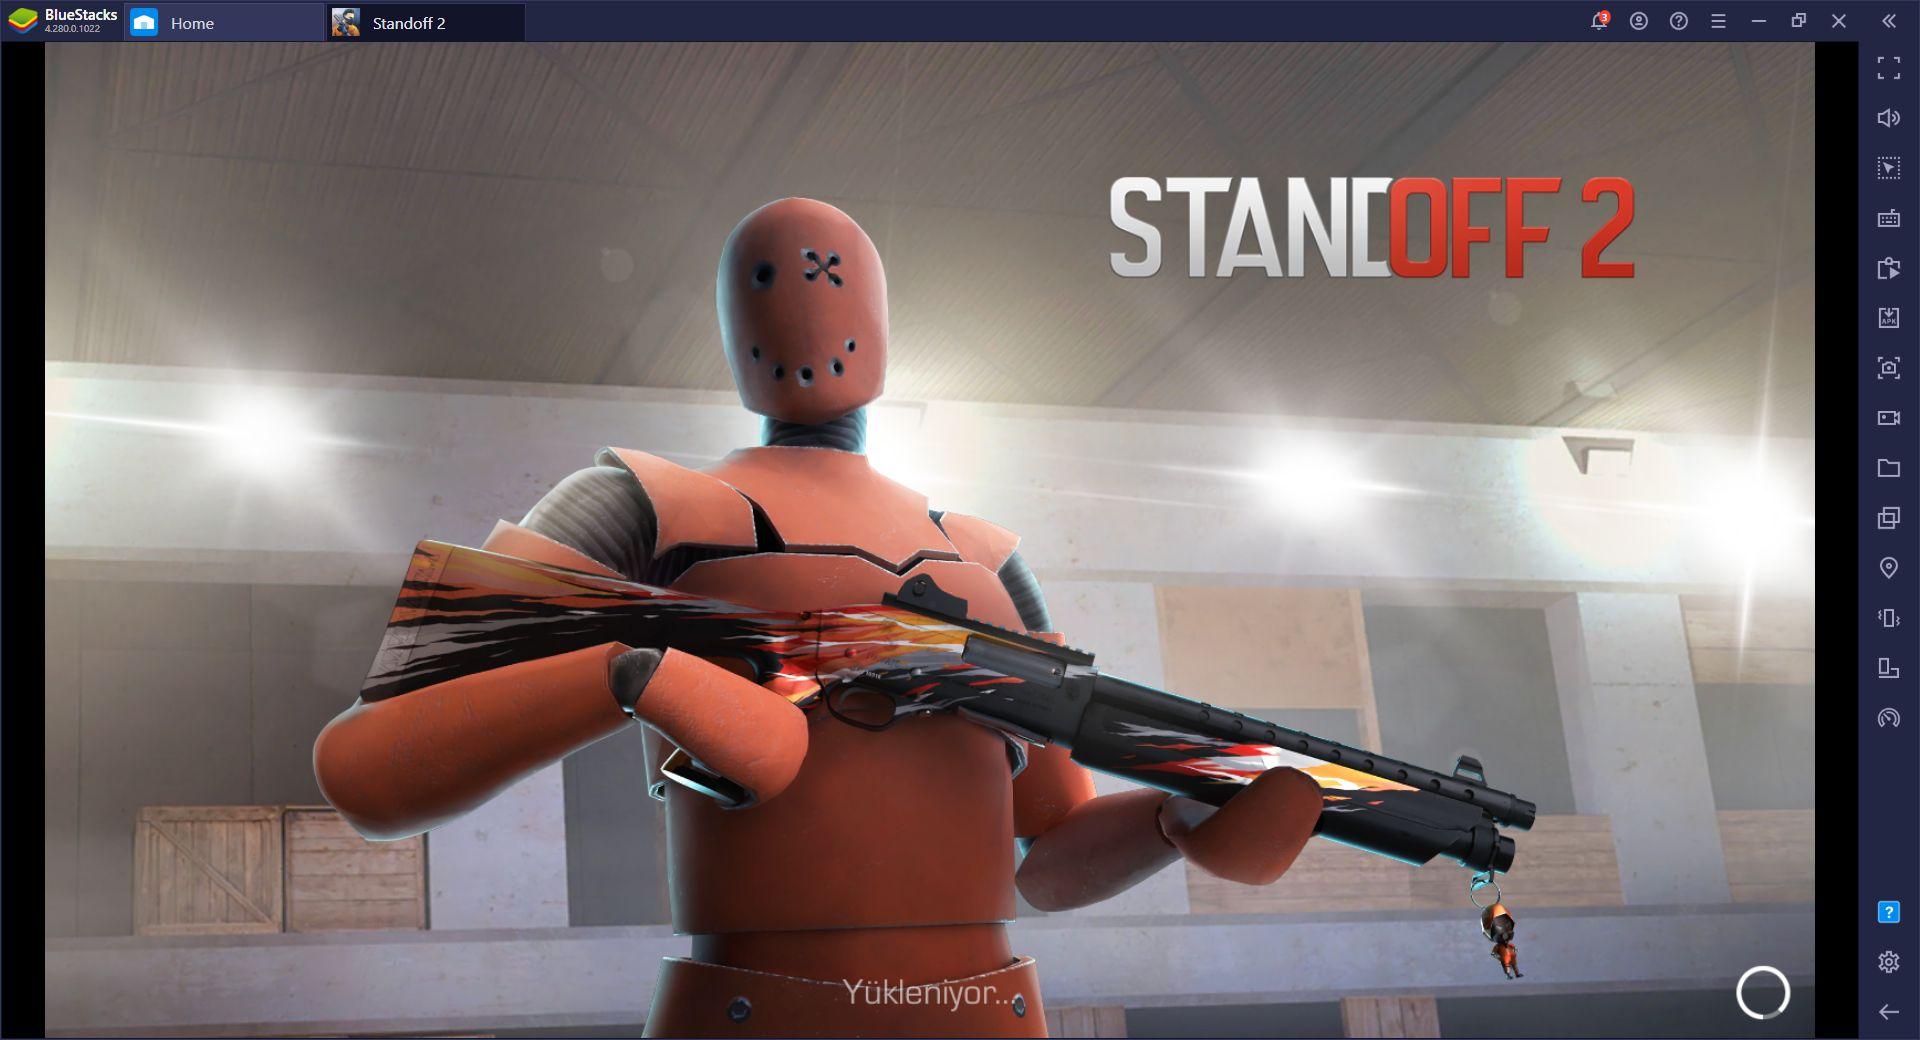 Standoff 2 İçin En Faydalı İpuçları